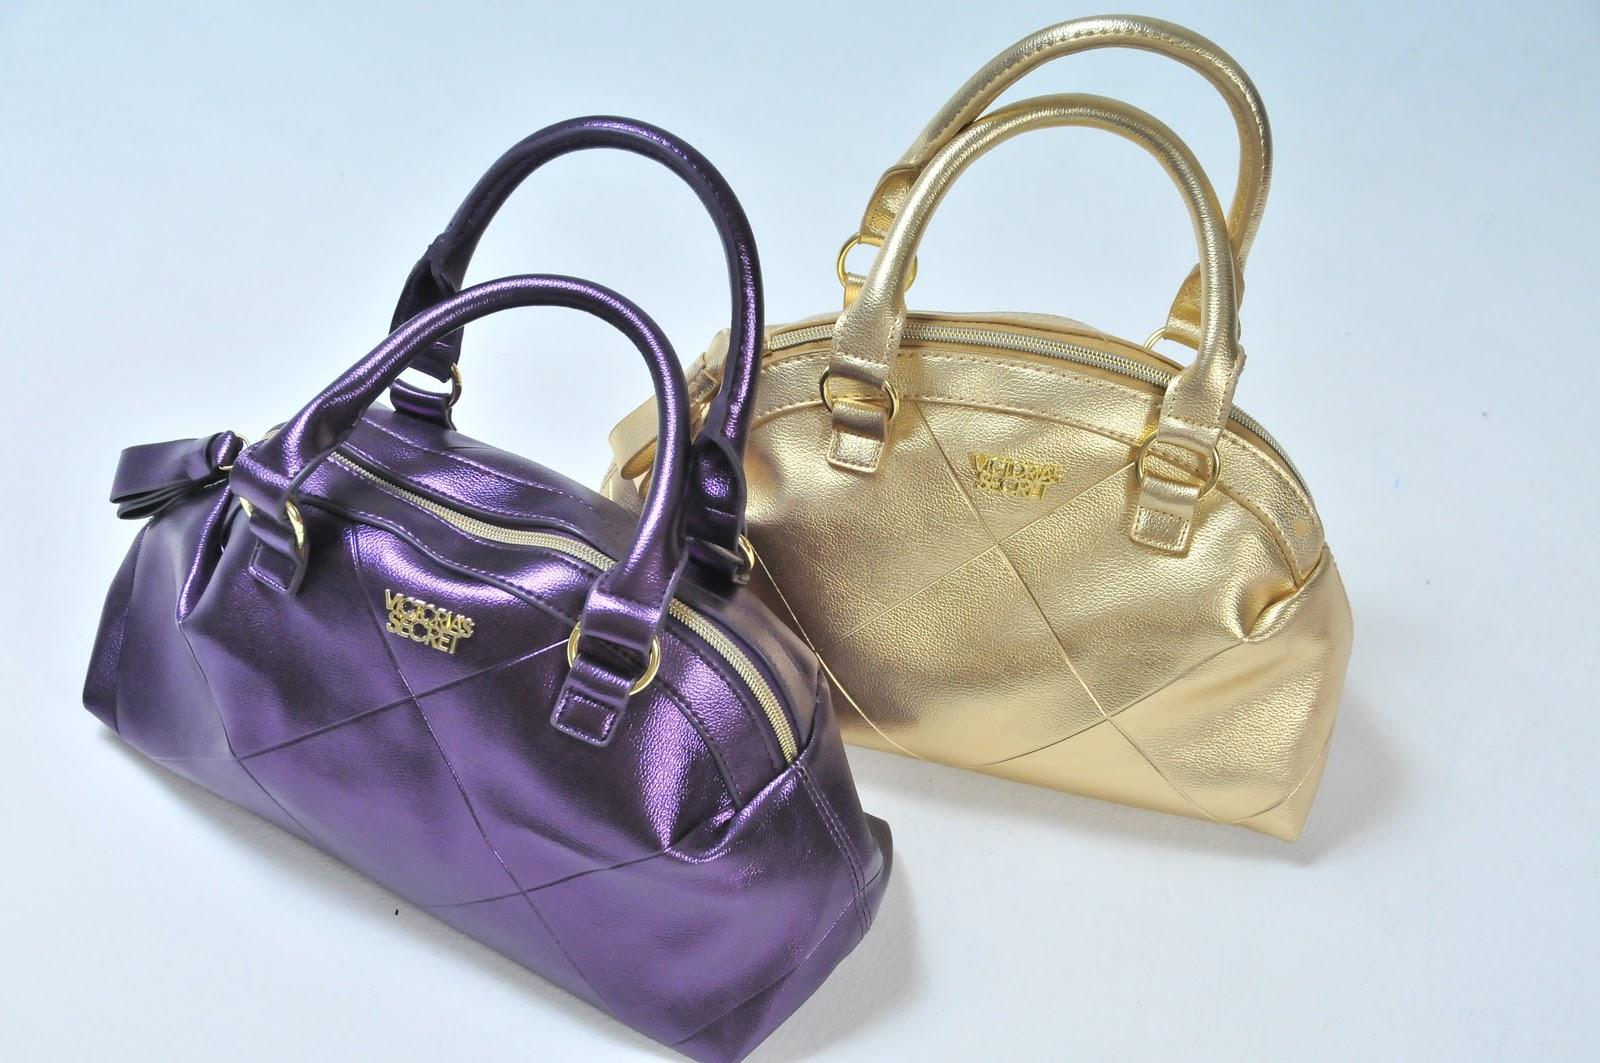 Bolsa De Mão Victoria Secrets Dourada : Multimarcas bsb bolsas sacolas carteiras femininas e